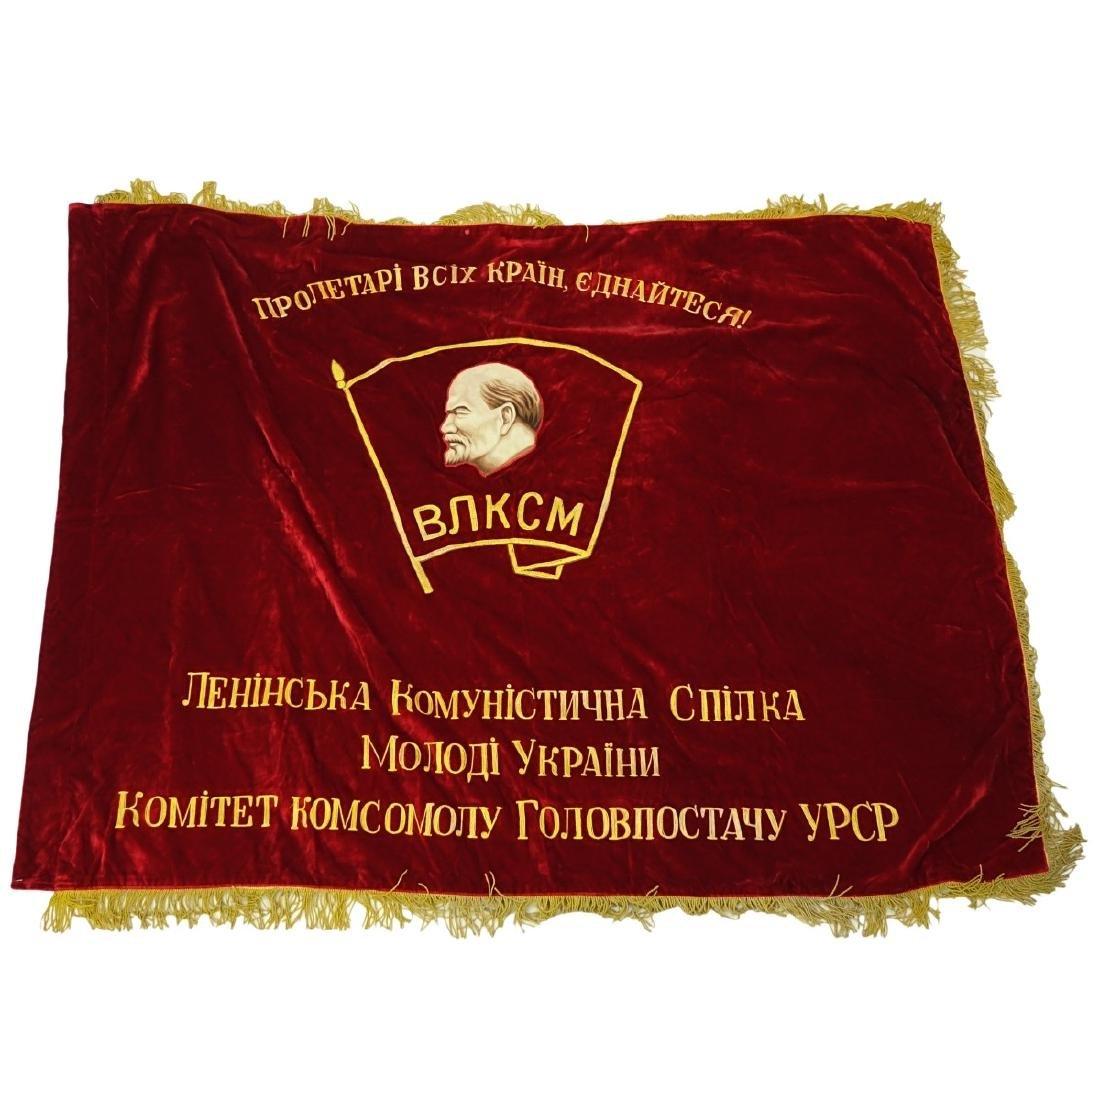 20th Century Russian Soviet Era Lenin-vlksm